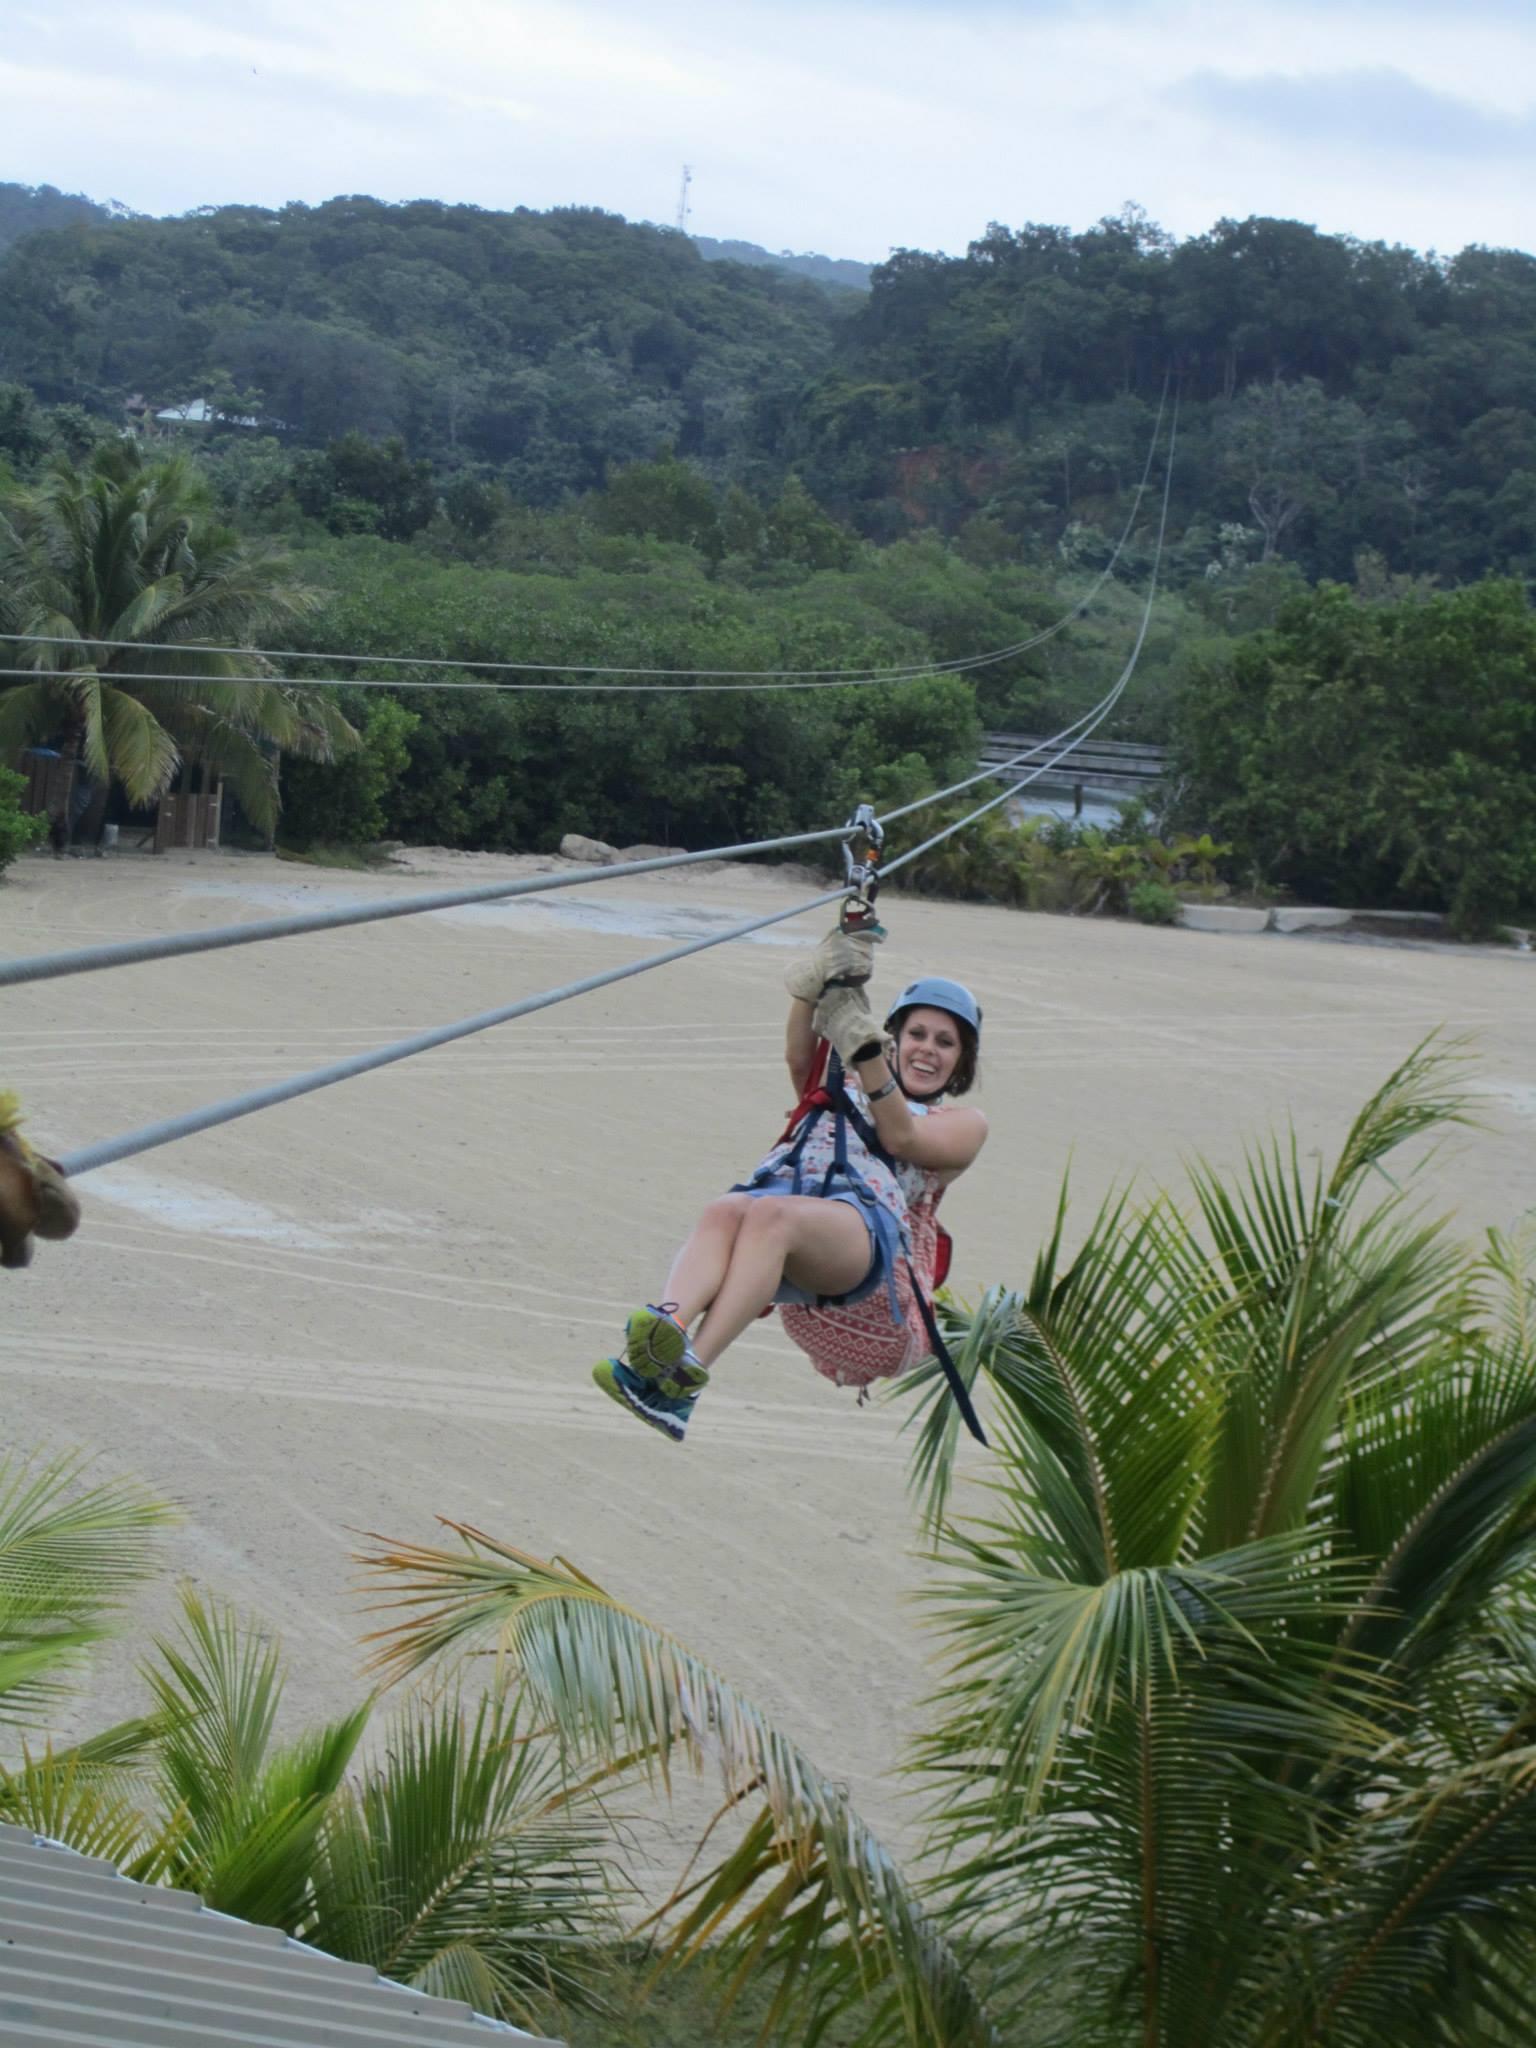 lady on zipline